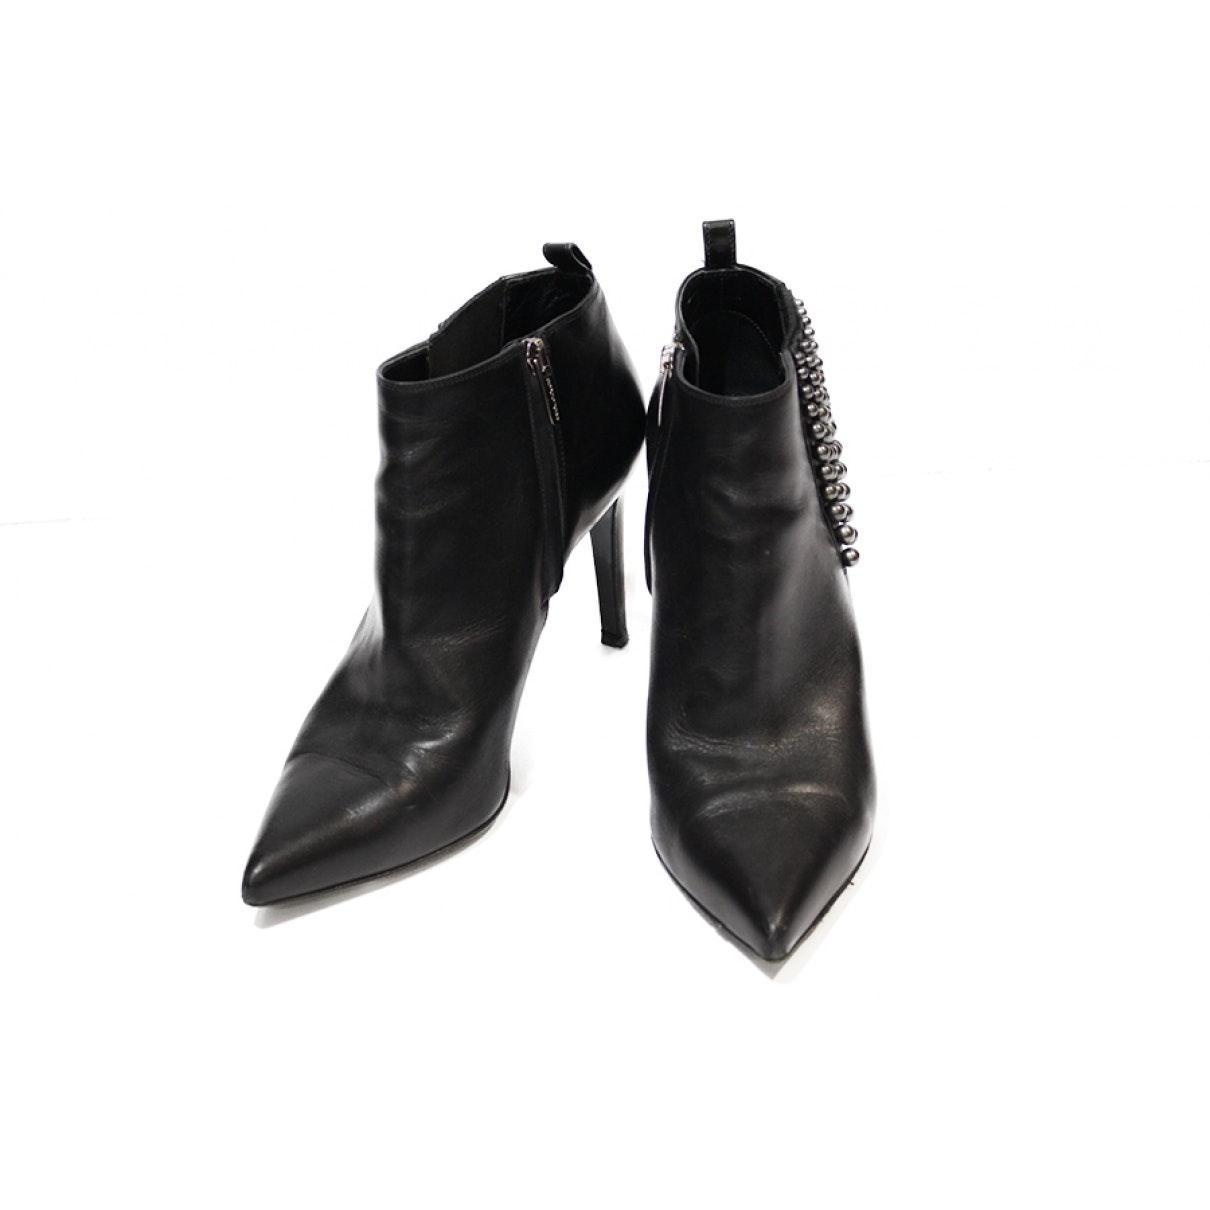 Botines en cuero negro N Sergio Rossi de Cuero de color Negro